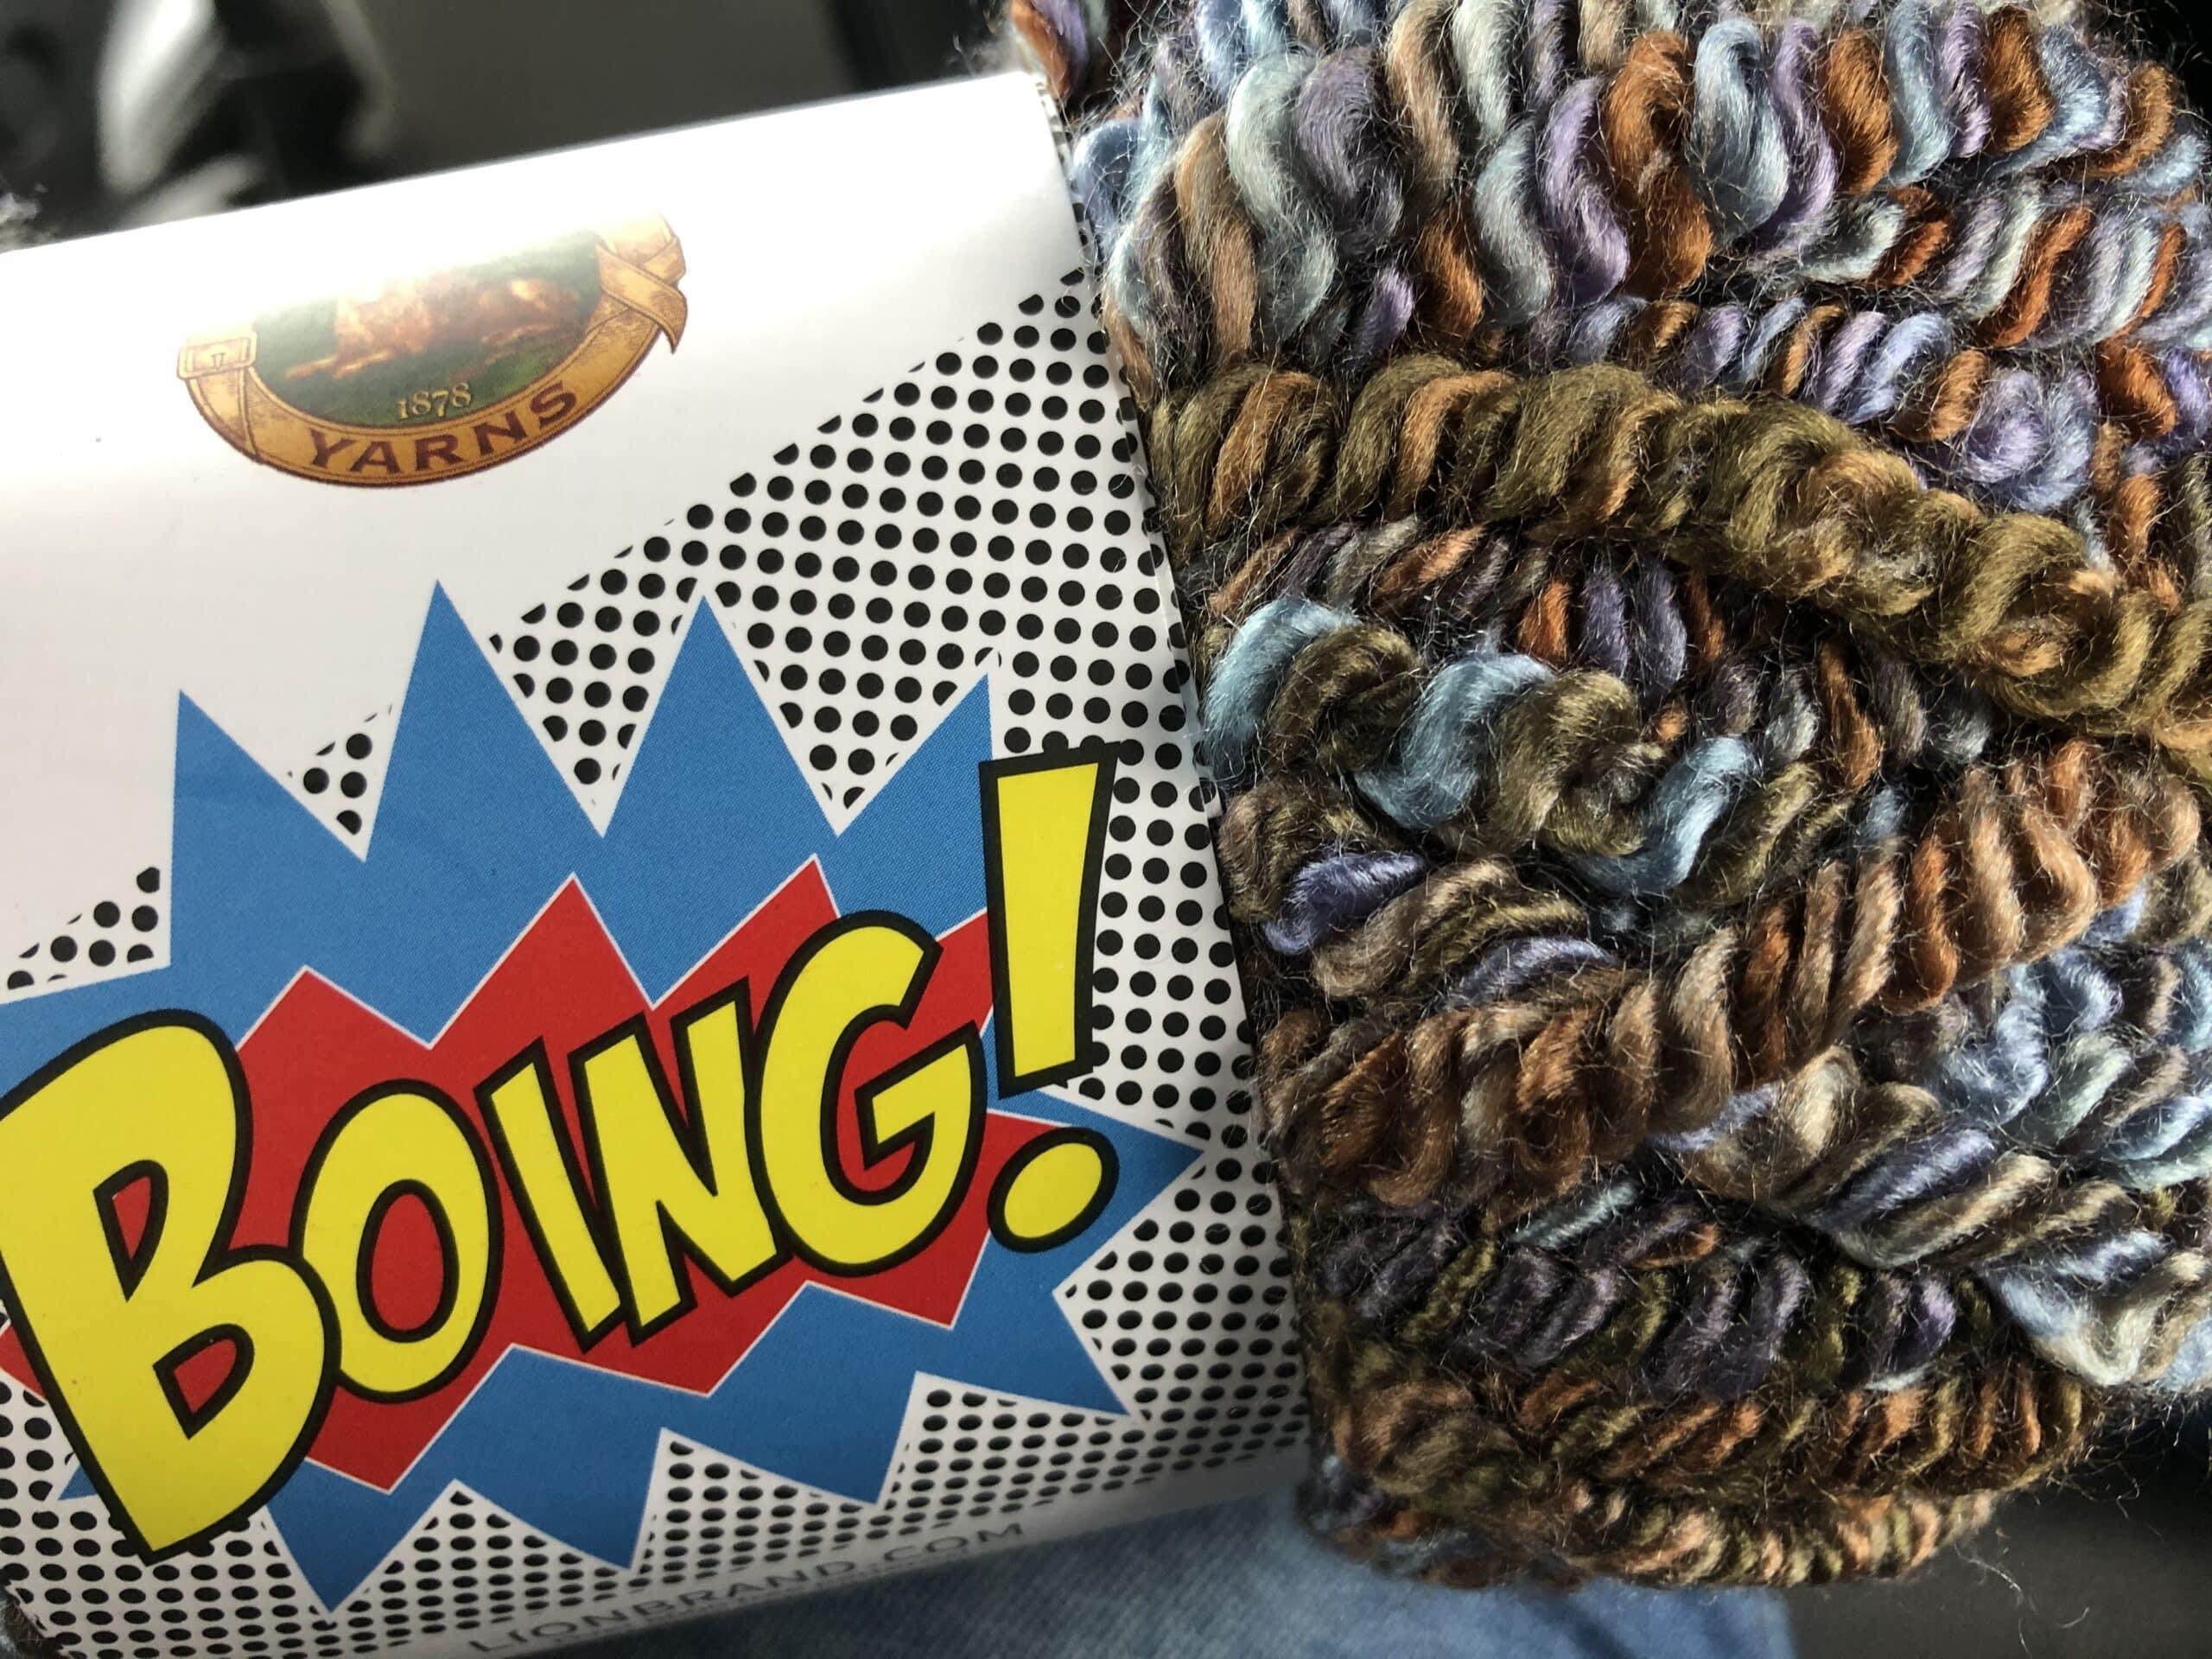 Boing! yarn